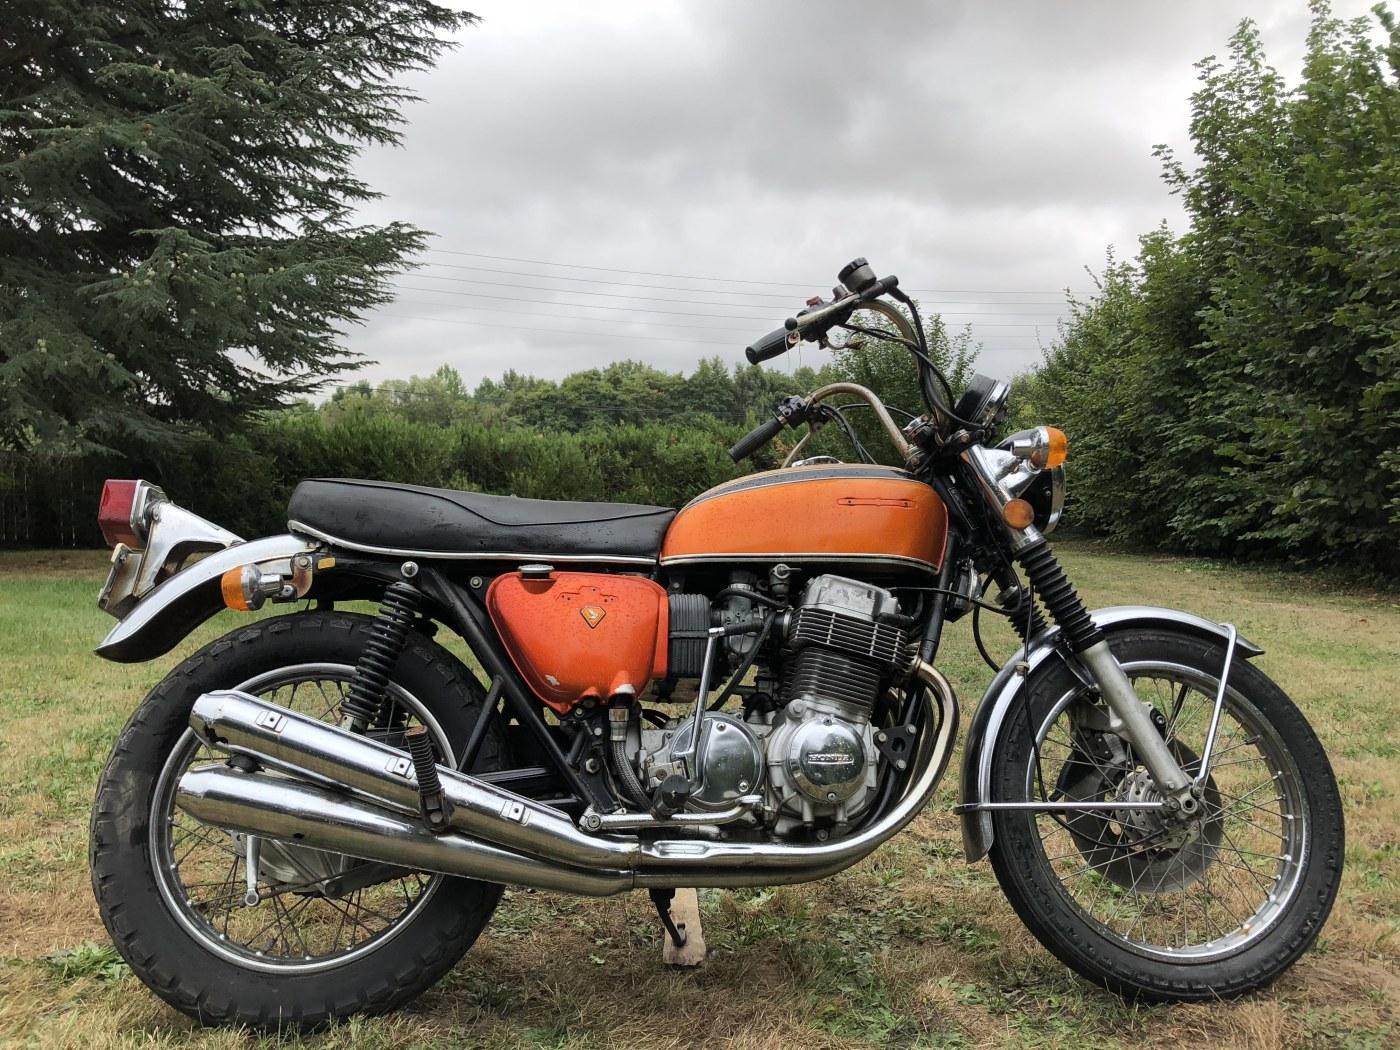 57-HONDA-CB-750-FOUR-K4-1974